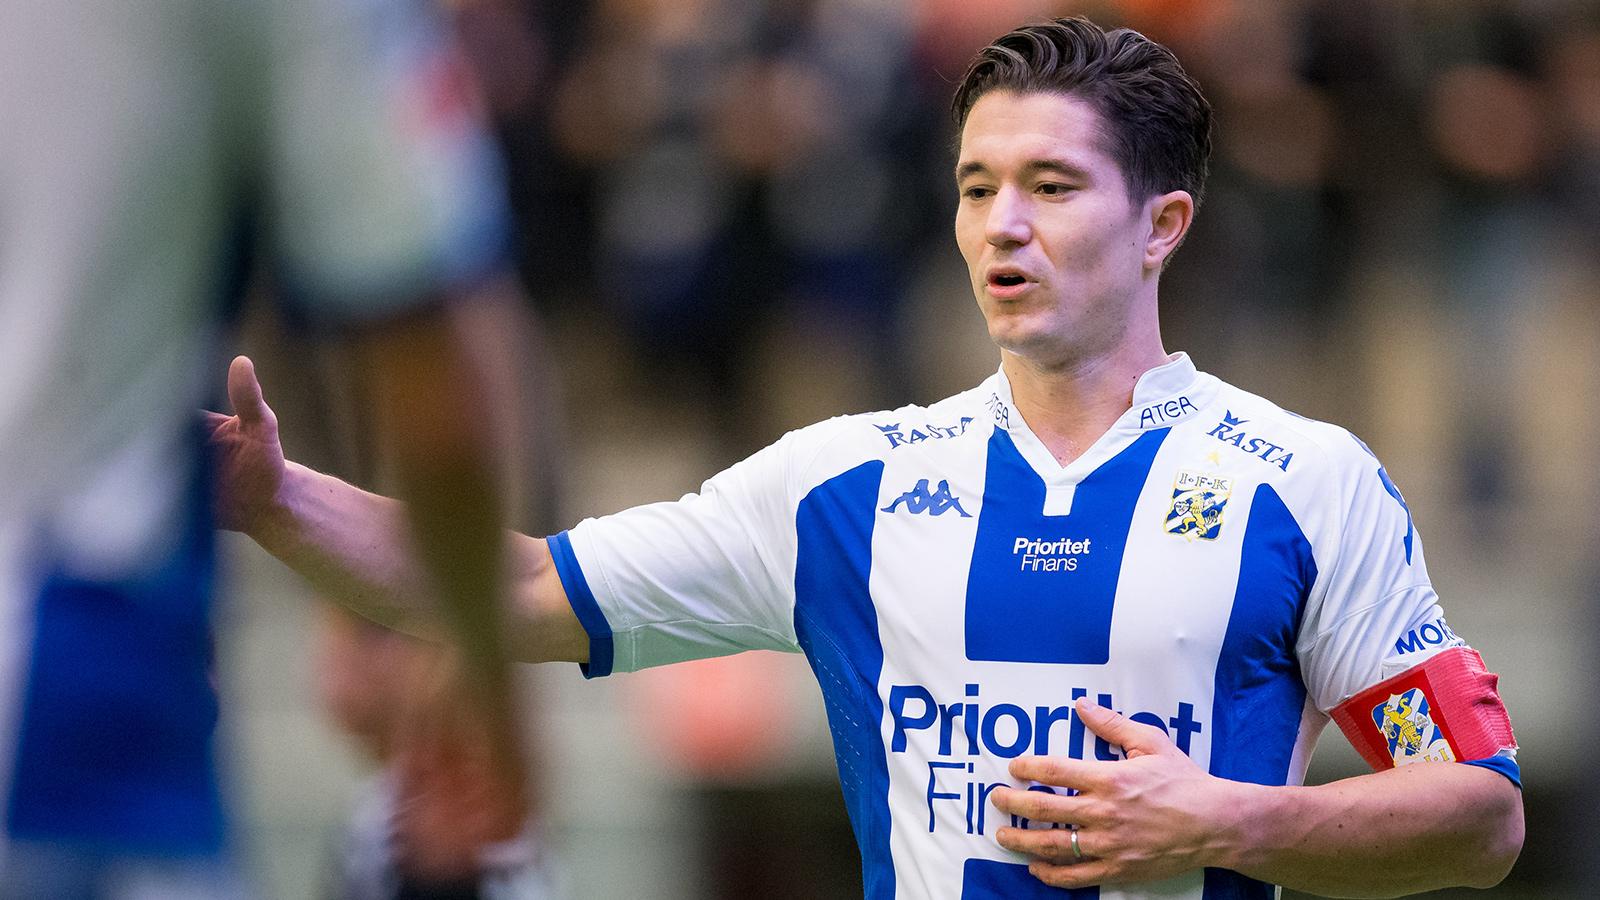 180120 IFK Göteborgs David Boo Wiklander under en träningsmatch i fotboll mellan IFK Göteborg och Ålborg den 20 januari 2018 i Göteborg.